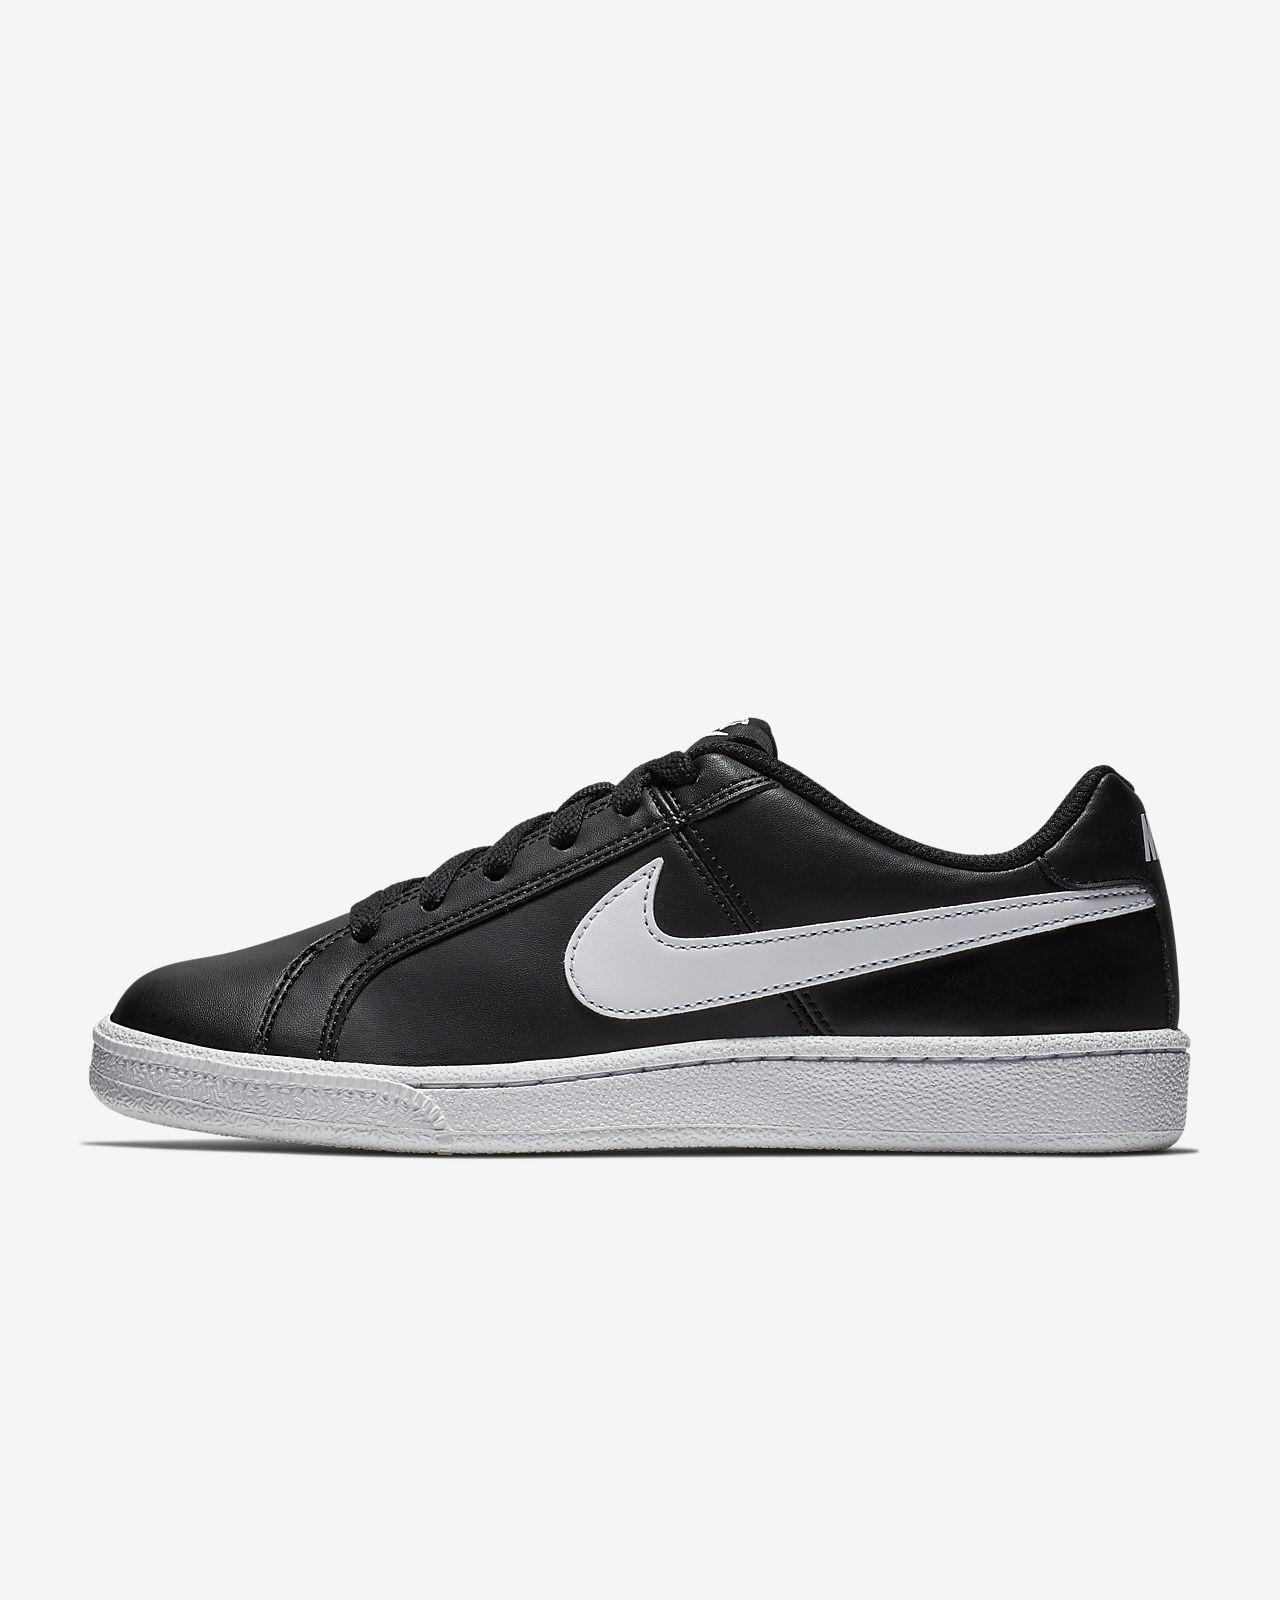 รองเท้าผู้หญิง NikeCourt Royale SL